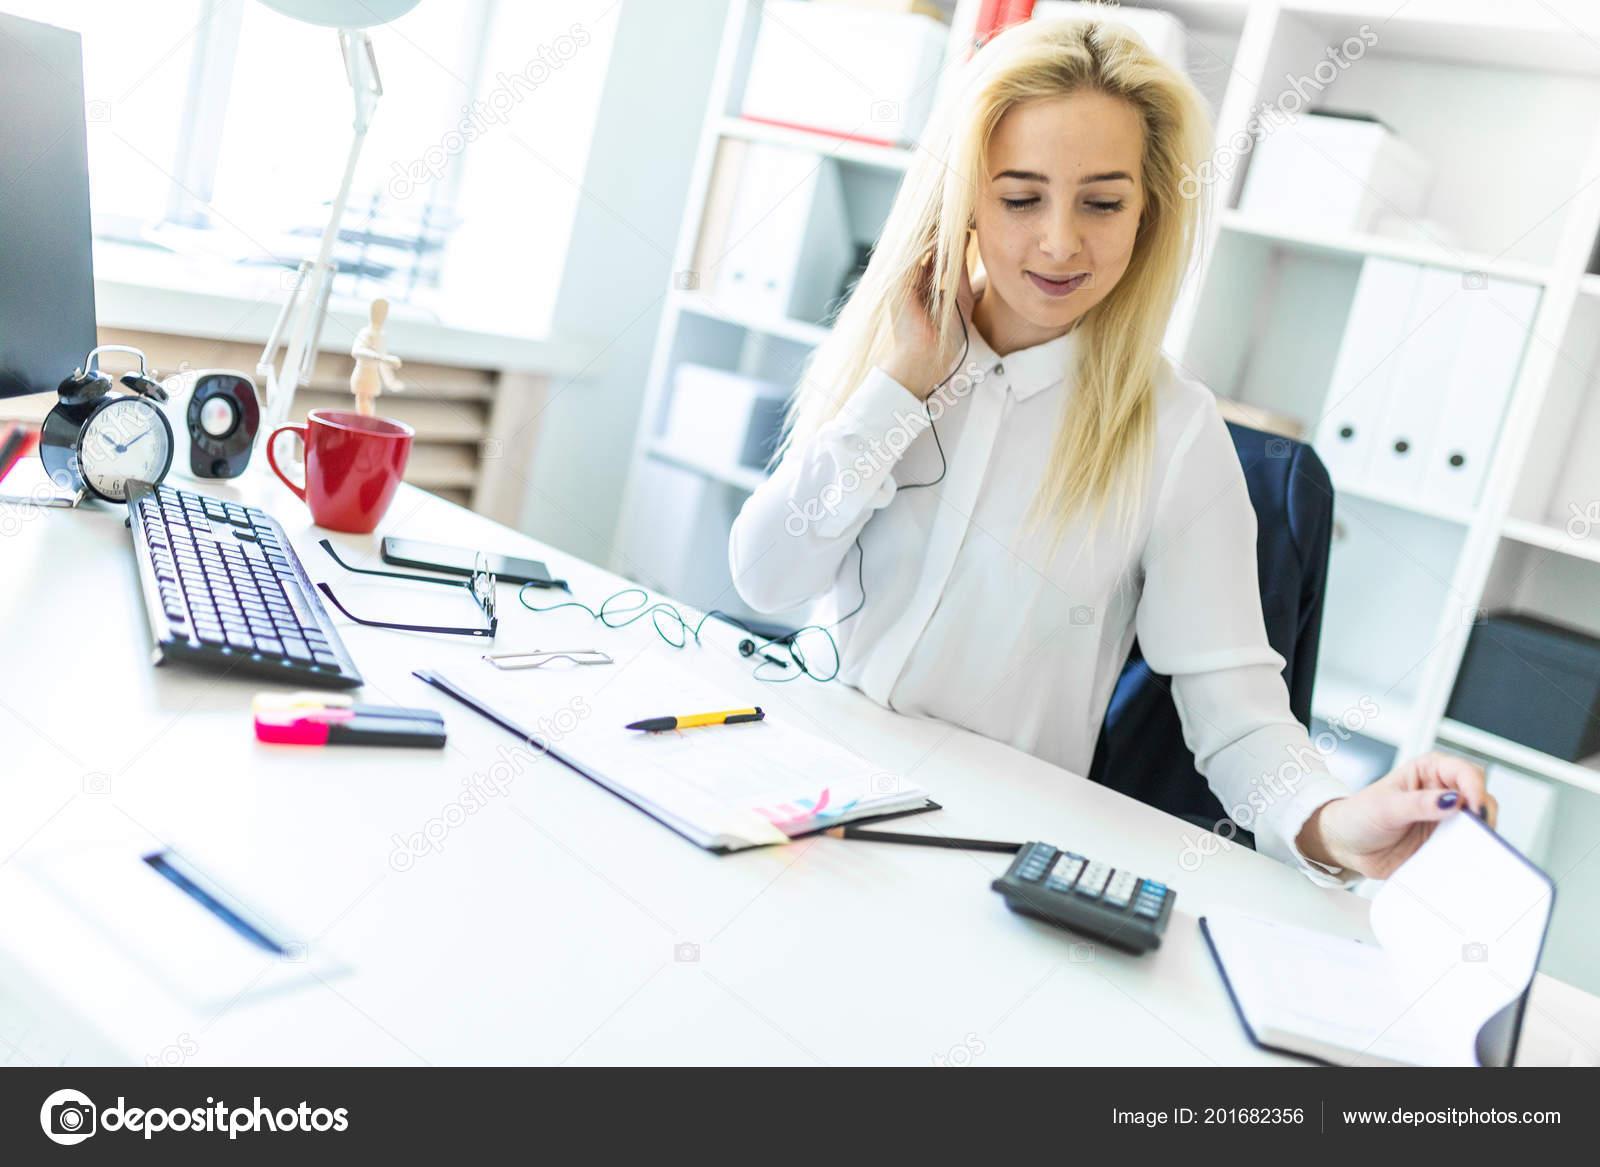 6d3b87a98224 Λεπτή κοπέλα με μια λευκή μπλούζα εργάζεται στο γραφείο. Το κορίτσι έχει  άσπρα μακριά μαλλιά. φωτογραφία